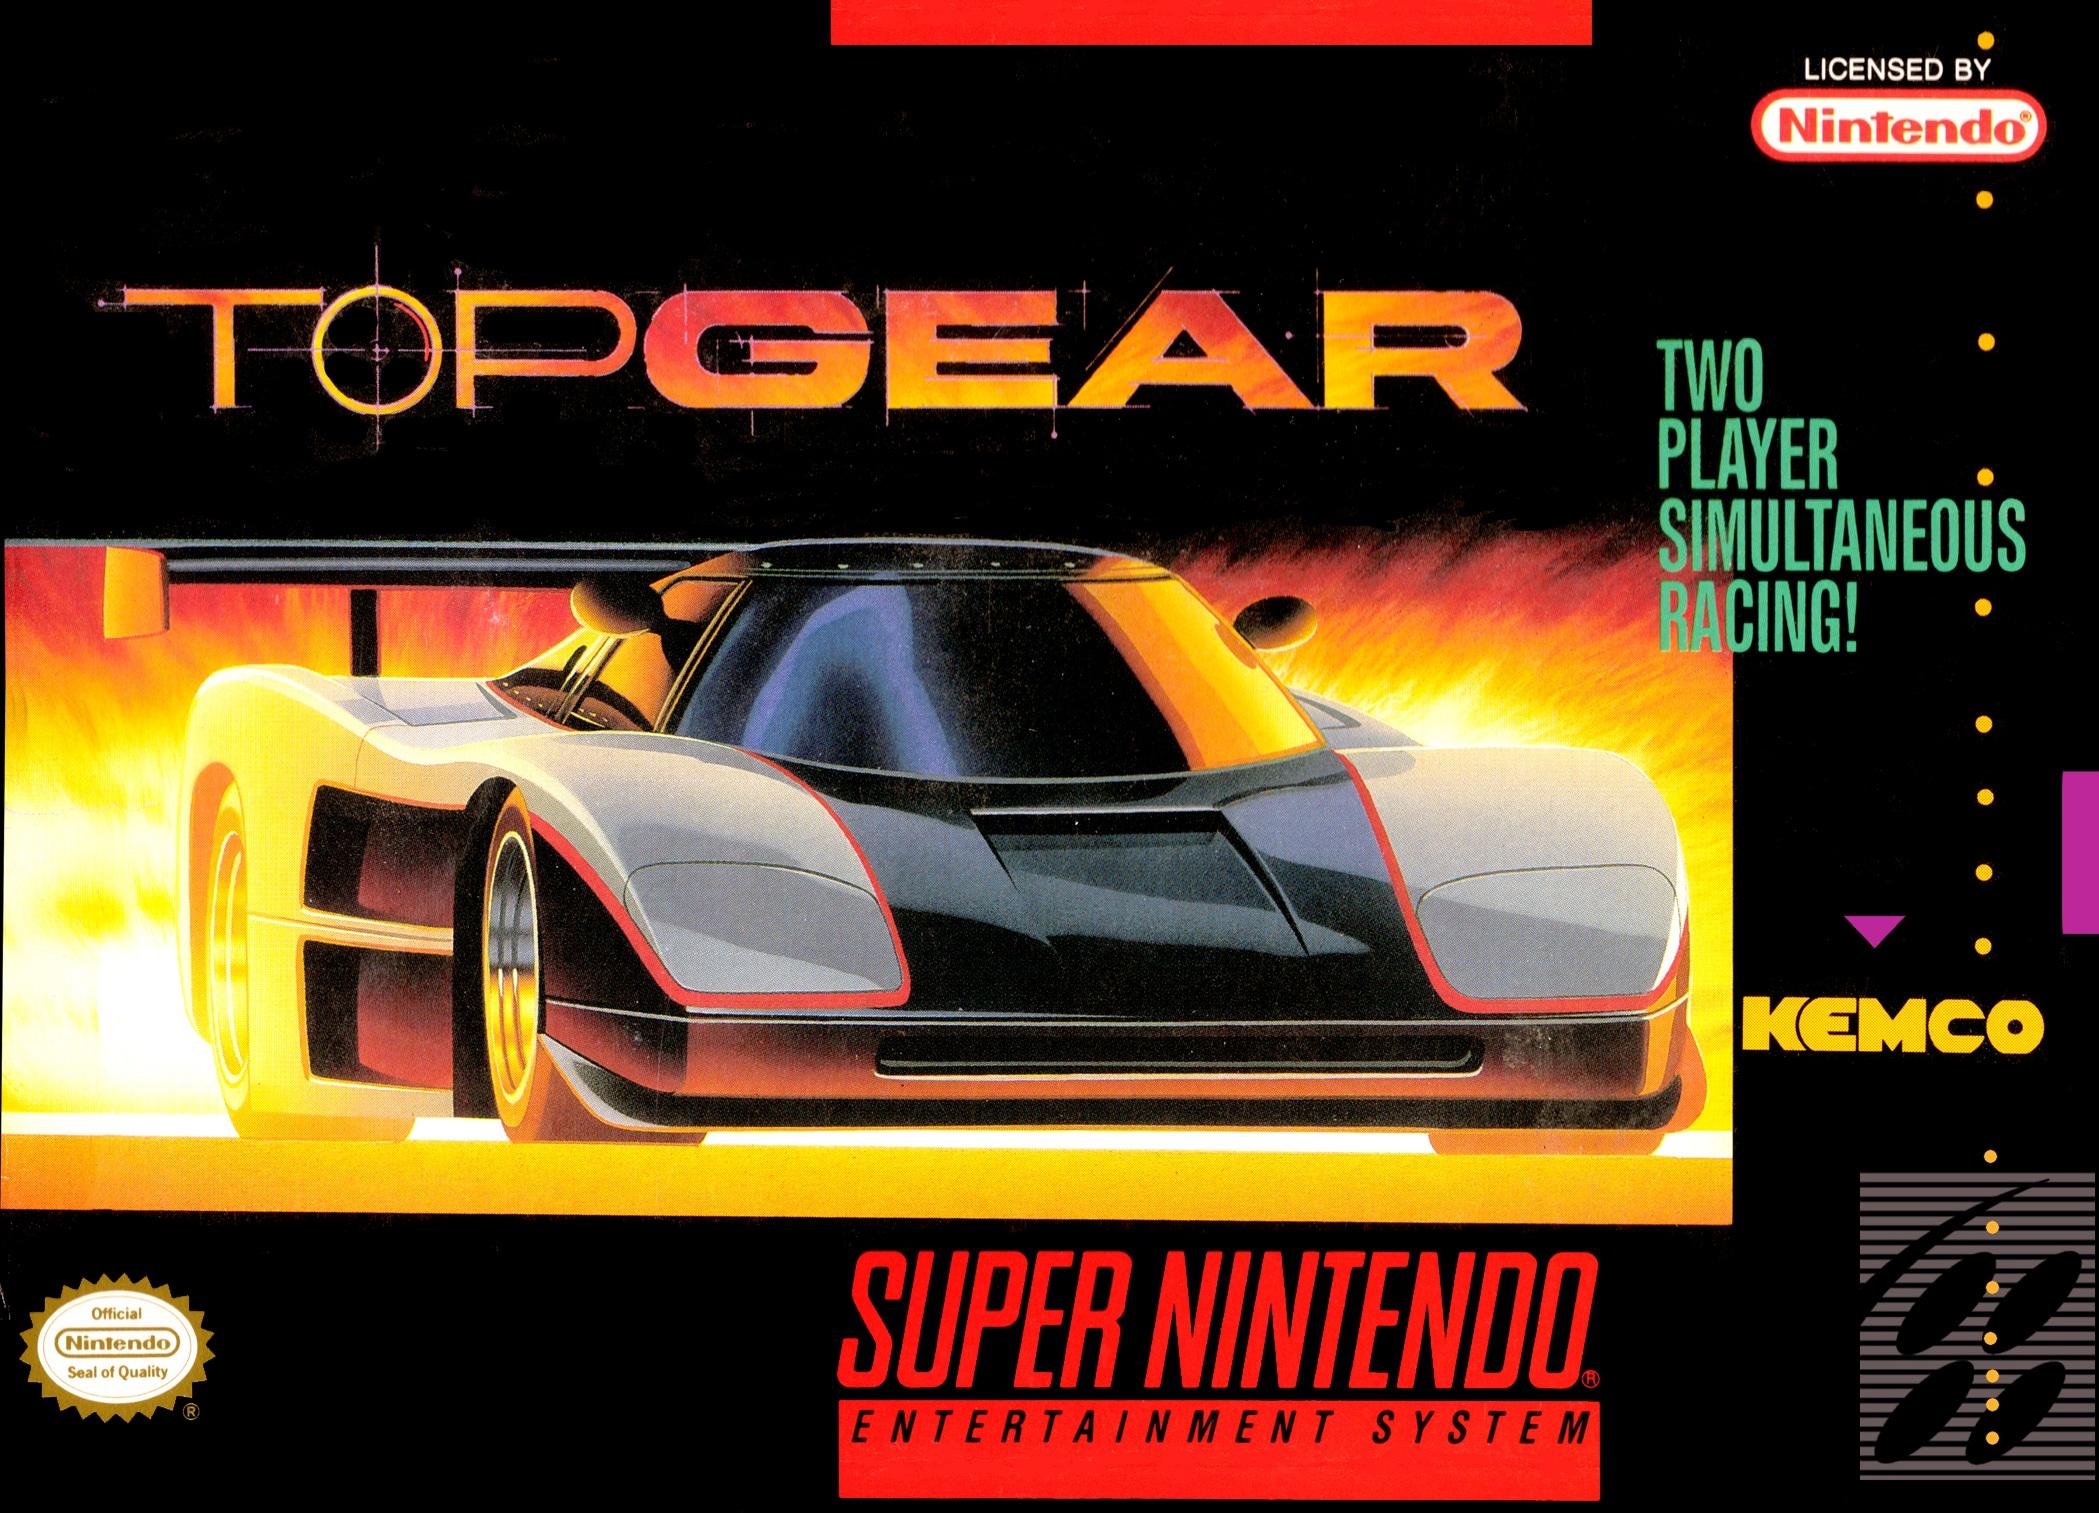 Top Gear/SNES